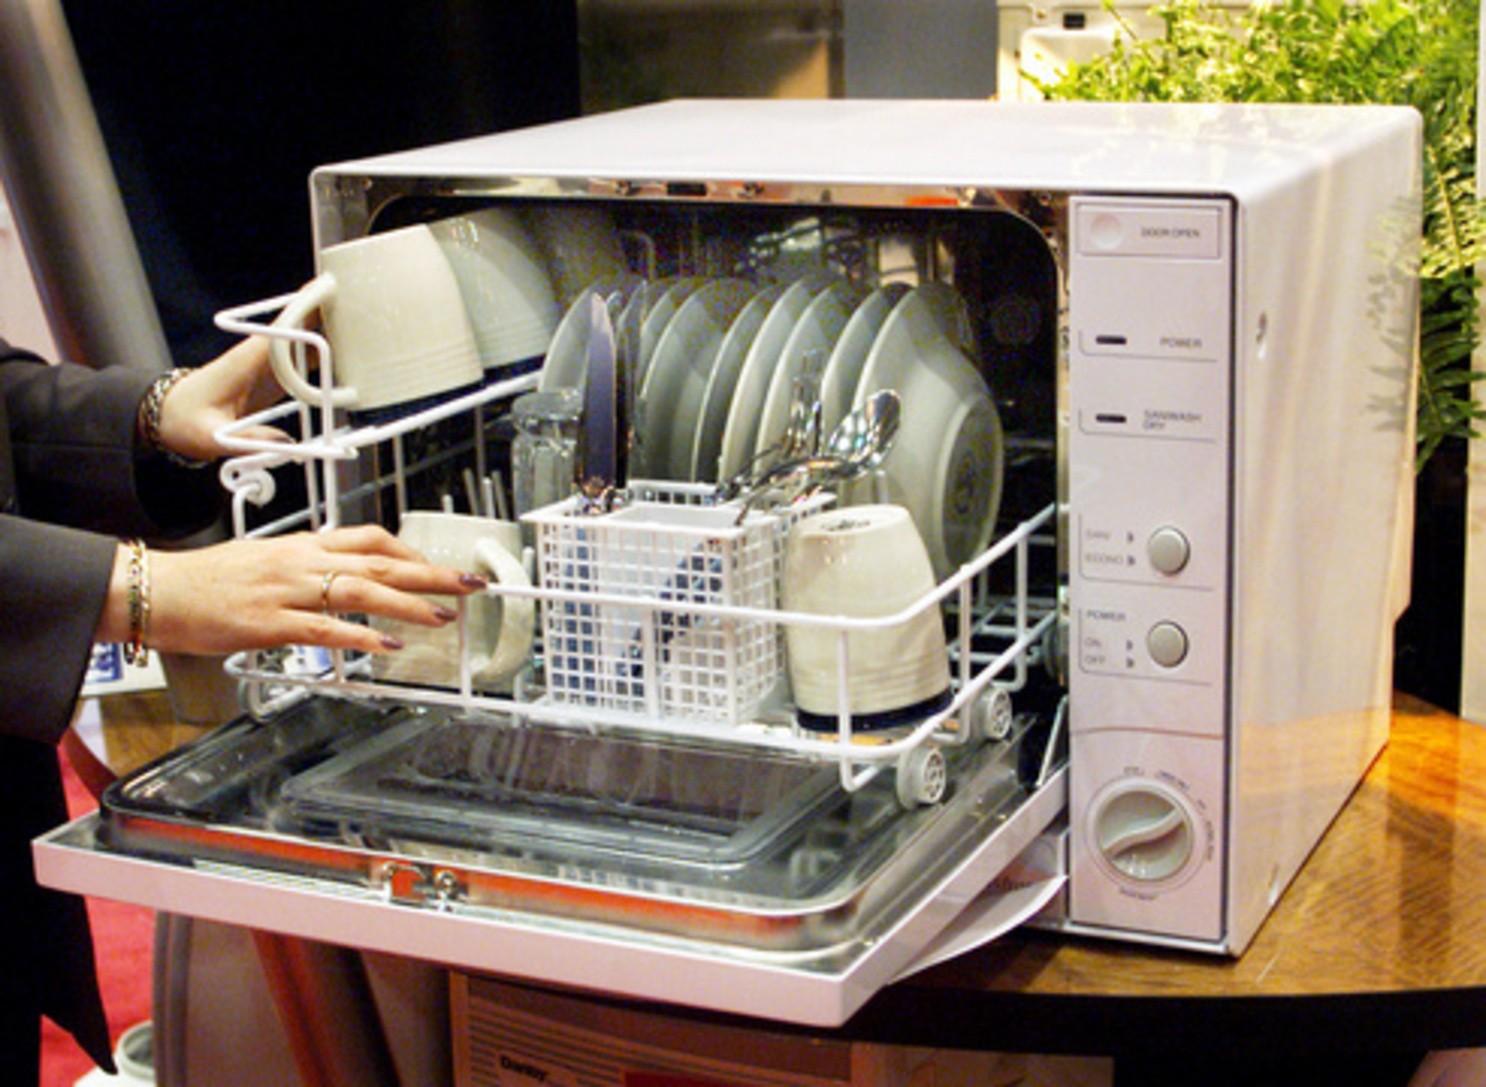 Съдомиялни машини за малка кухня